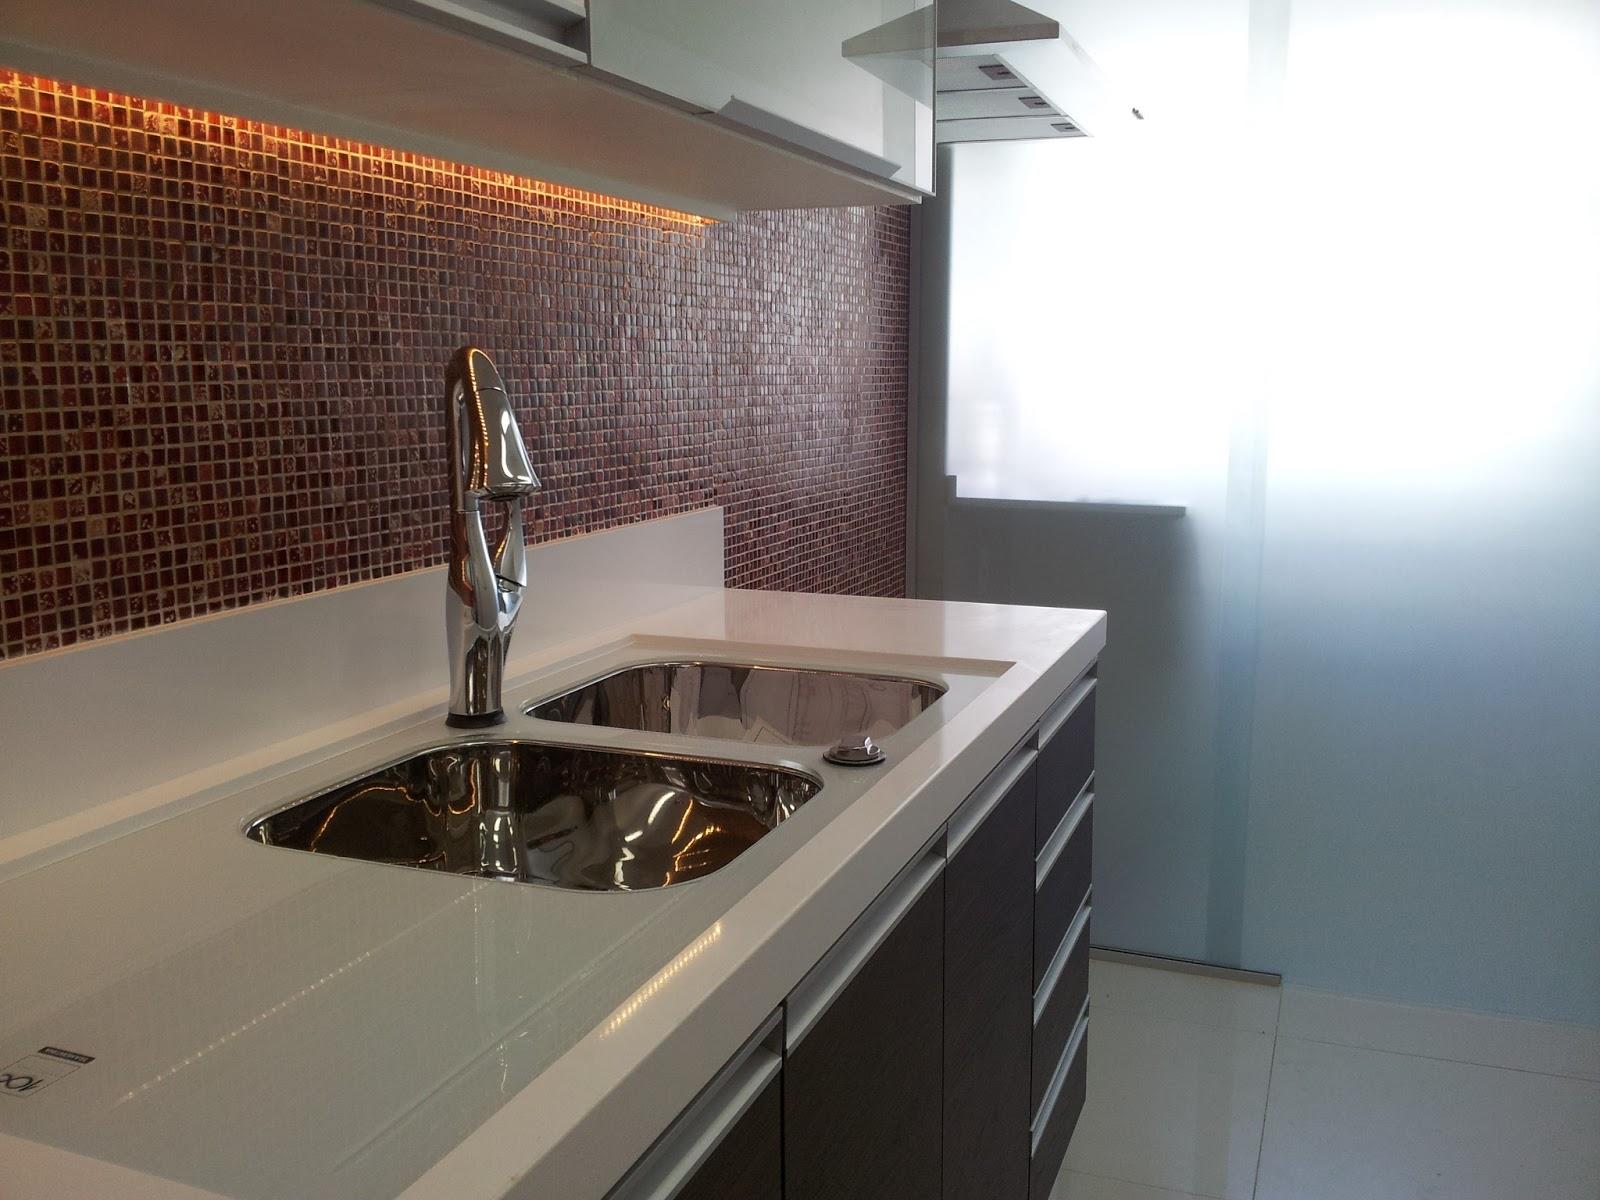 07 - Projeto de arquitetura apartamento novo Condomínio Bora Bora ...